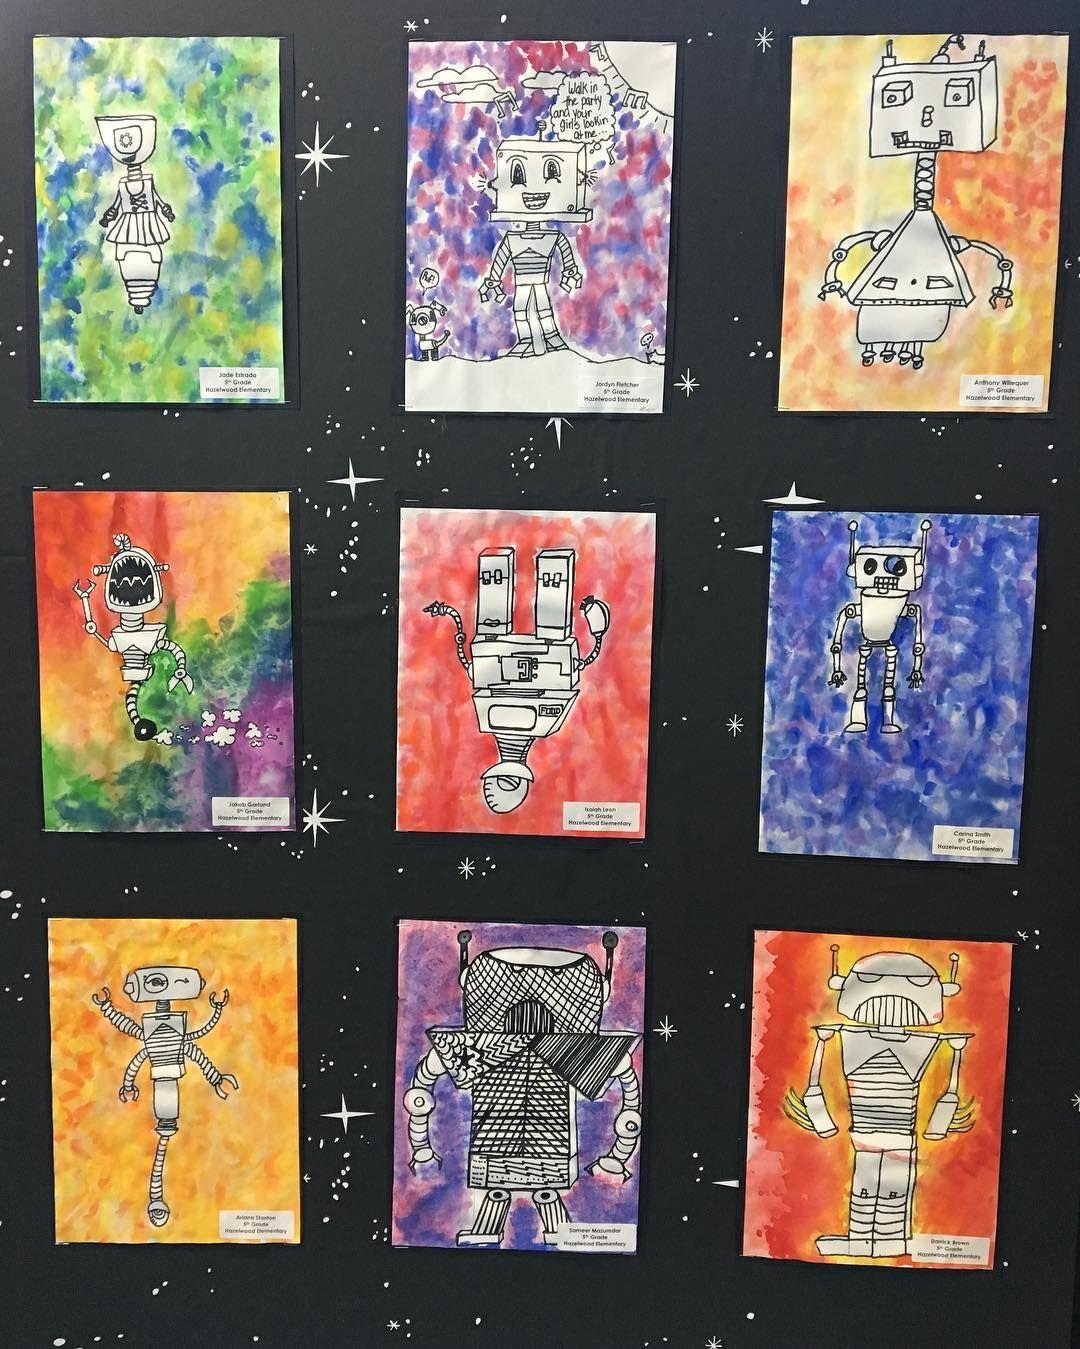 5th grade 3d shapes forms art lesson project idea robots art l. Black Bedroom Furniture Sets. Home Design Ideas